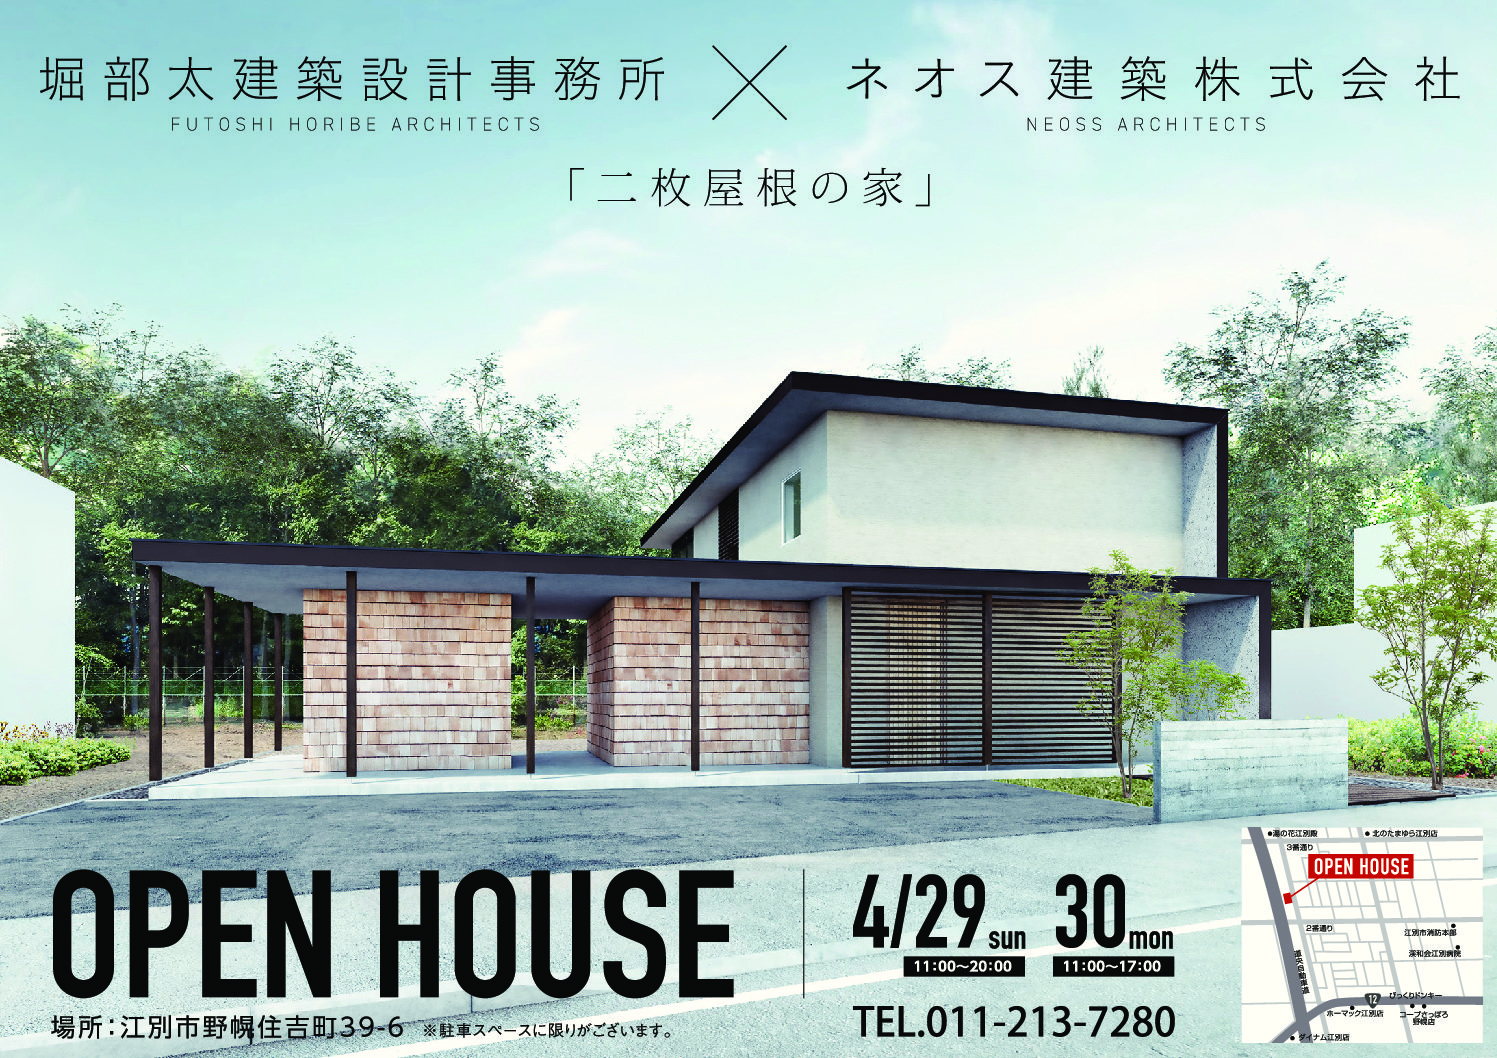 2018.4.29-30「二枚屋根の家」オープンハウスのご案内 〜堀部太建築設計事務所